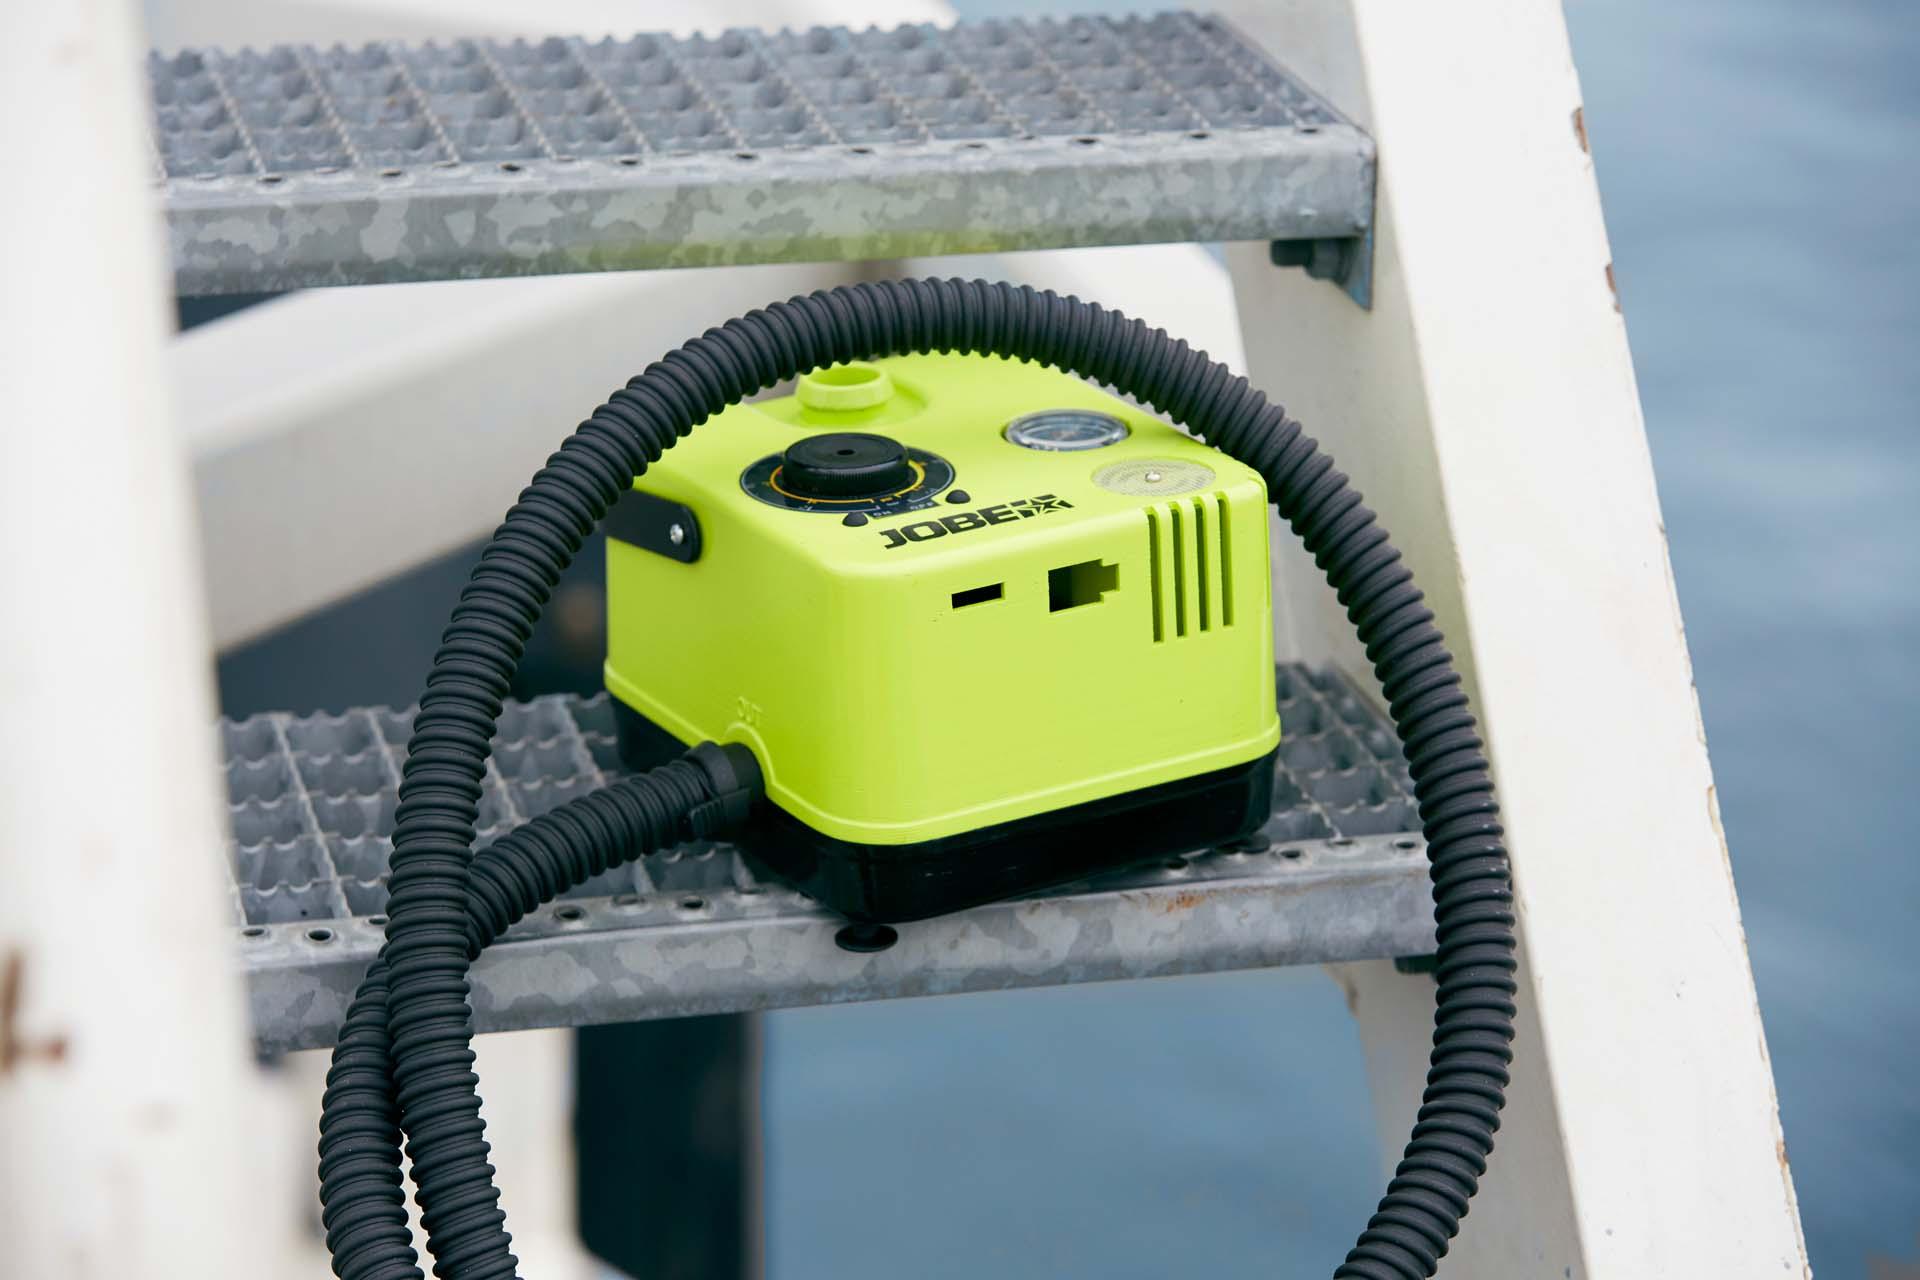 sup pumpe elektrisch awesome grohandel aqua marina luftpumpe handpumpe b fr sup stand up paddle. Black Bedroom Furniture Sets. Home Design Ideas